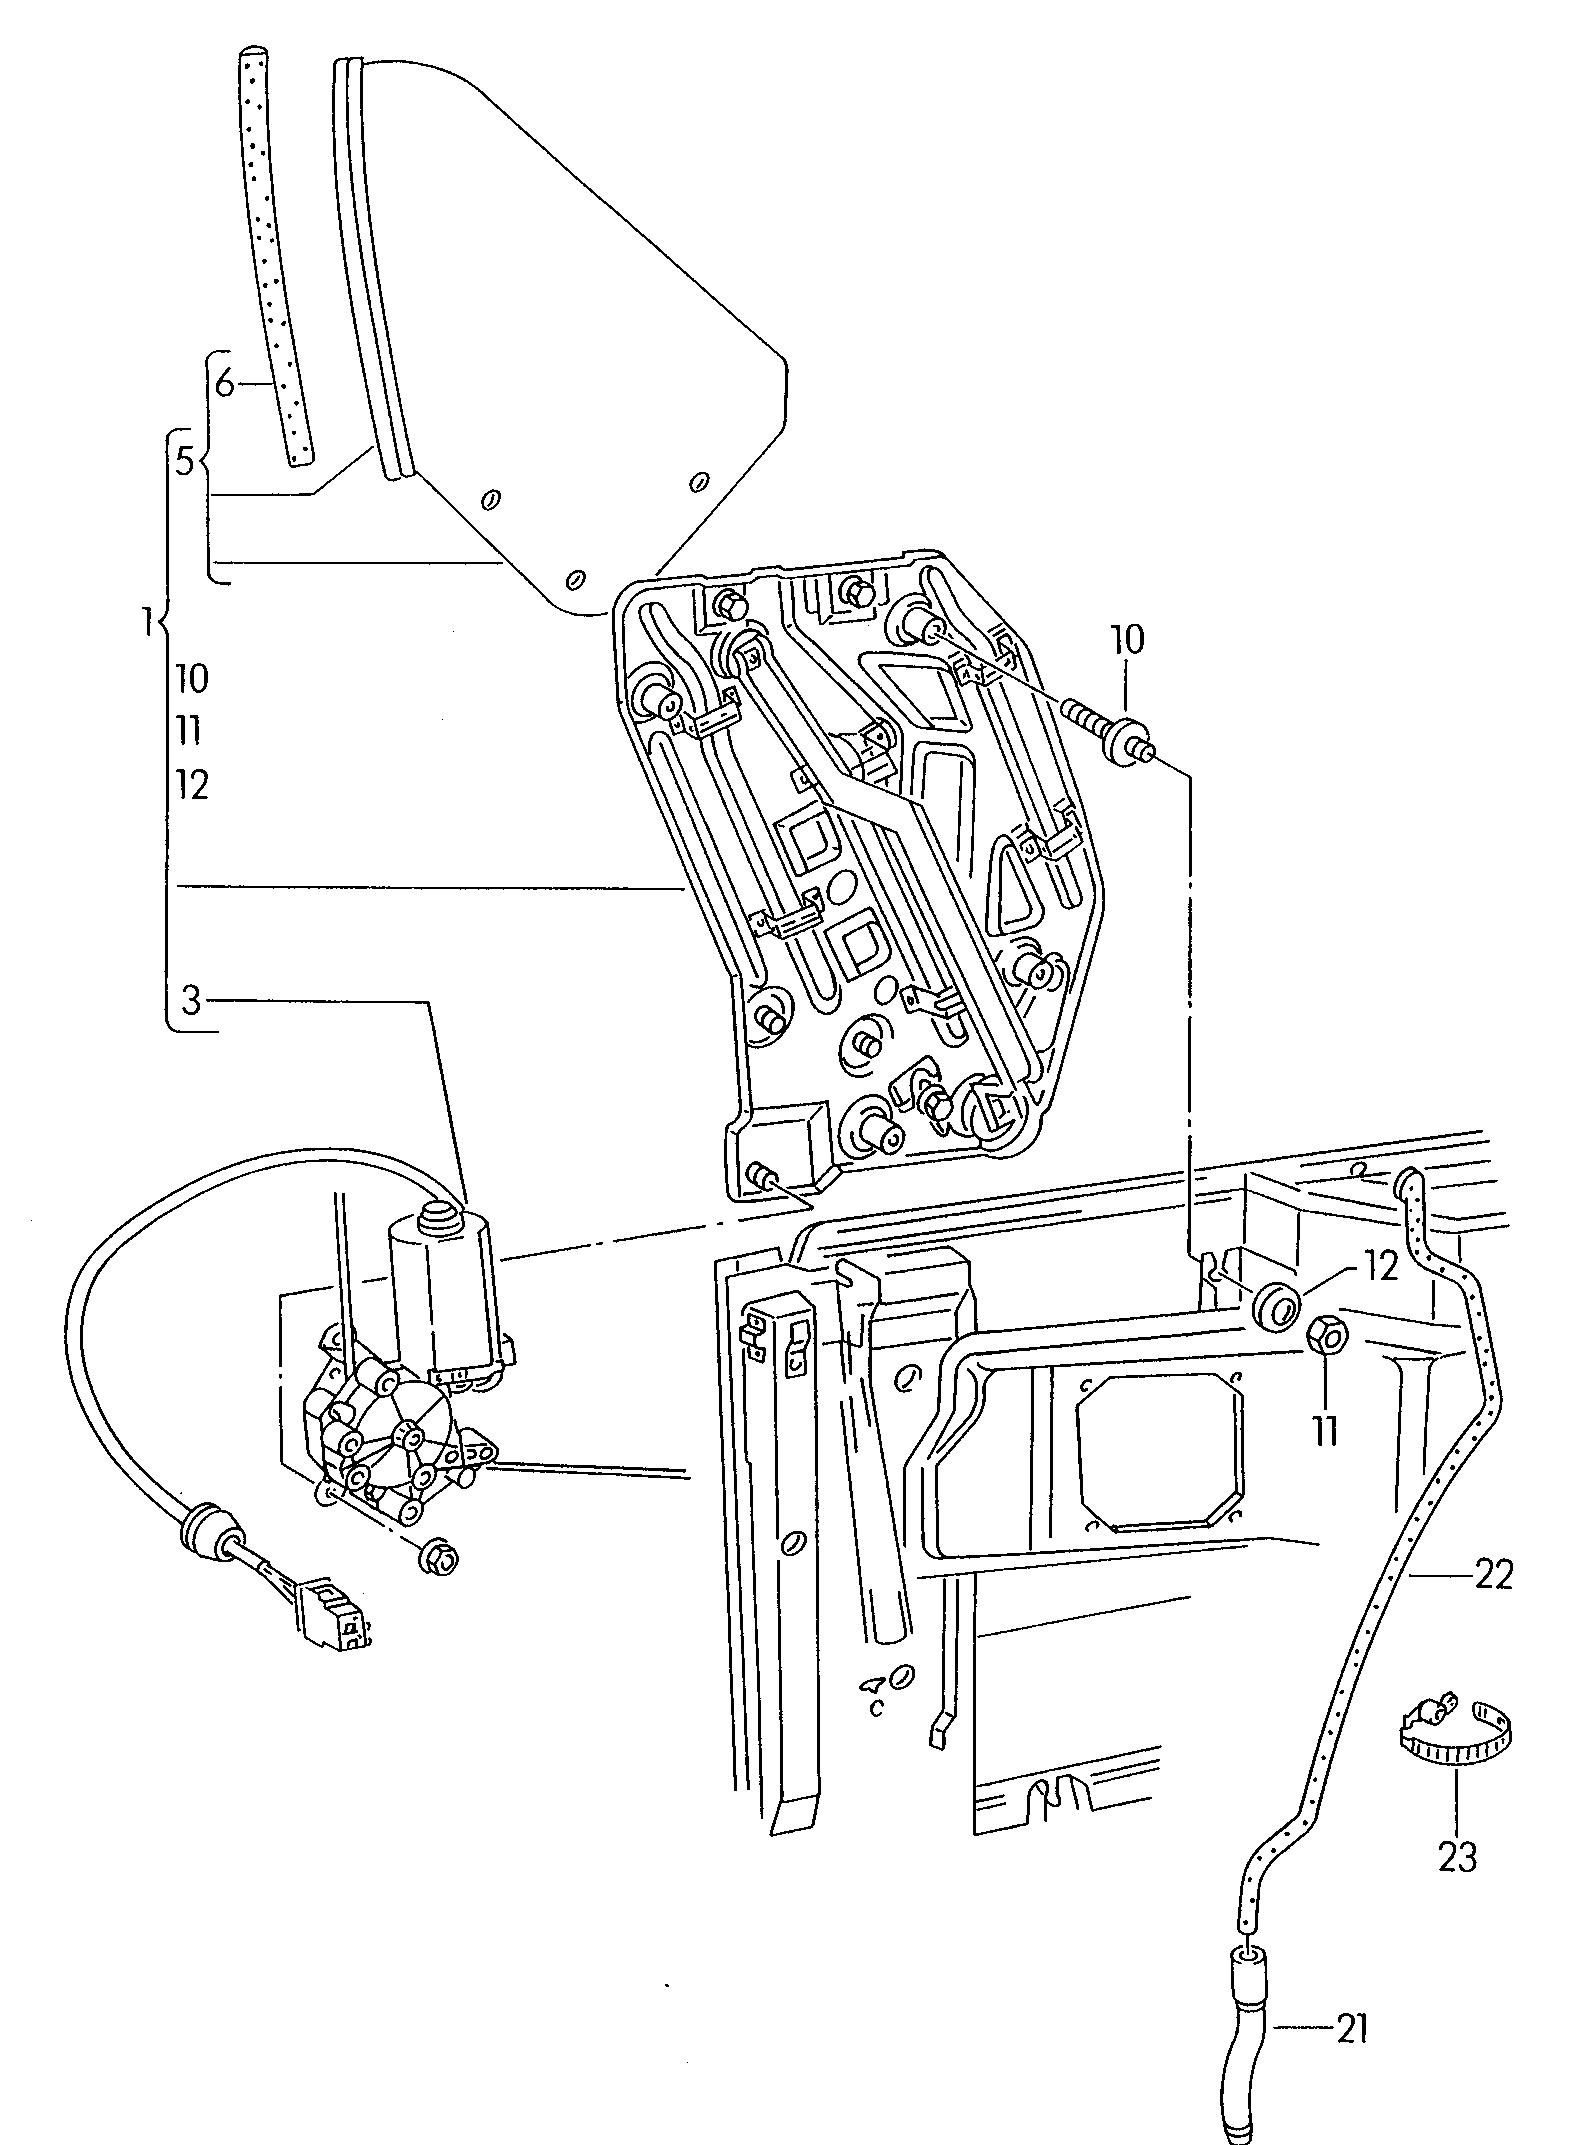 ORIGINALE VW AUDI SEAT SKODA Beetle Cabrio penna BULLONE m8x18 x10 n0445113 PZ.